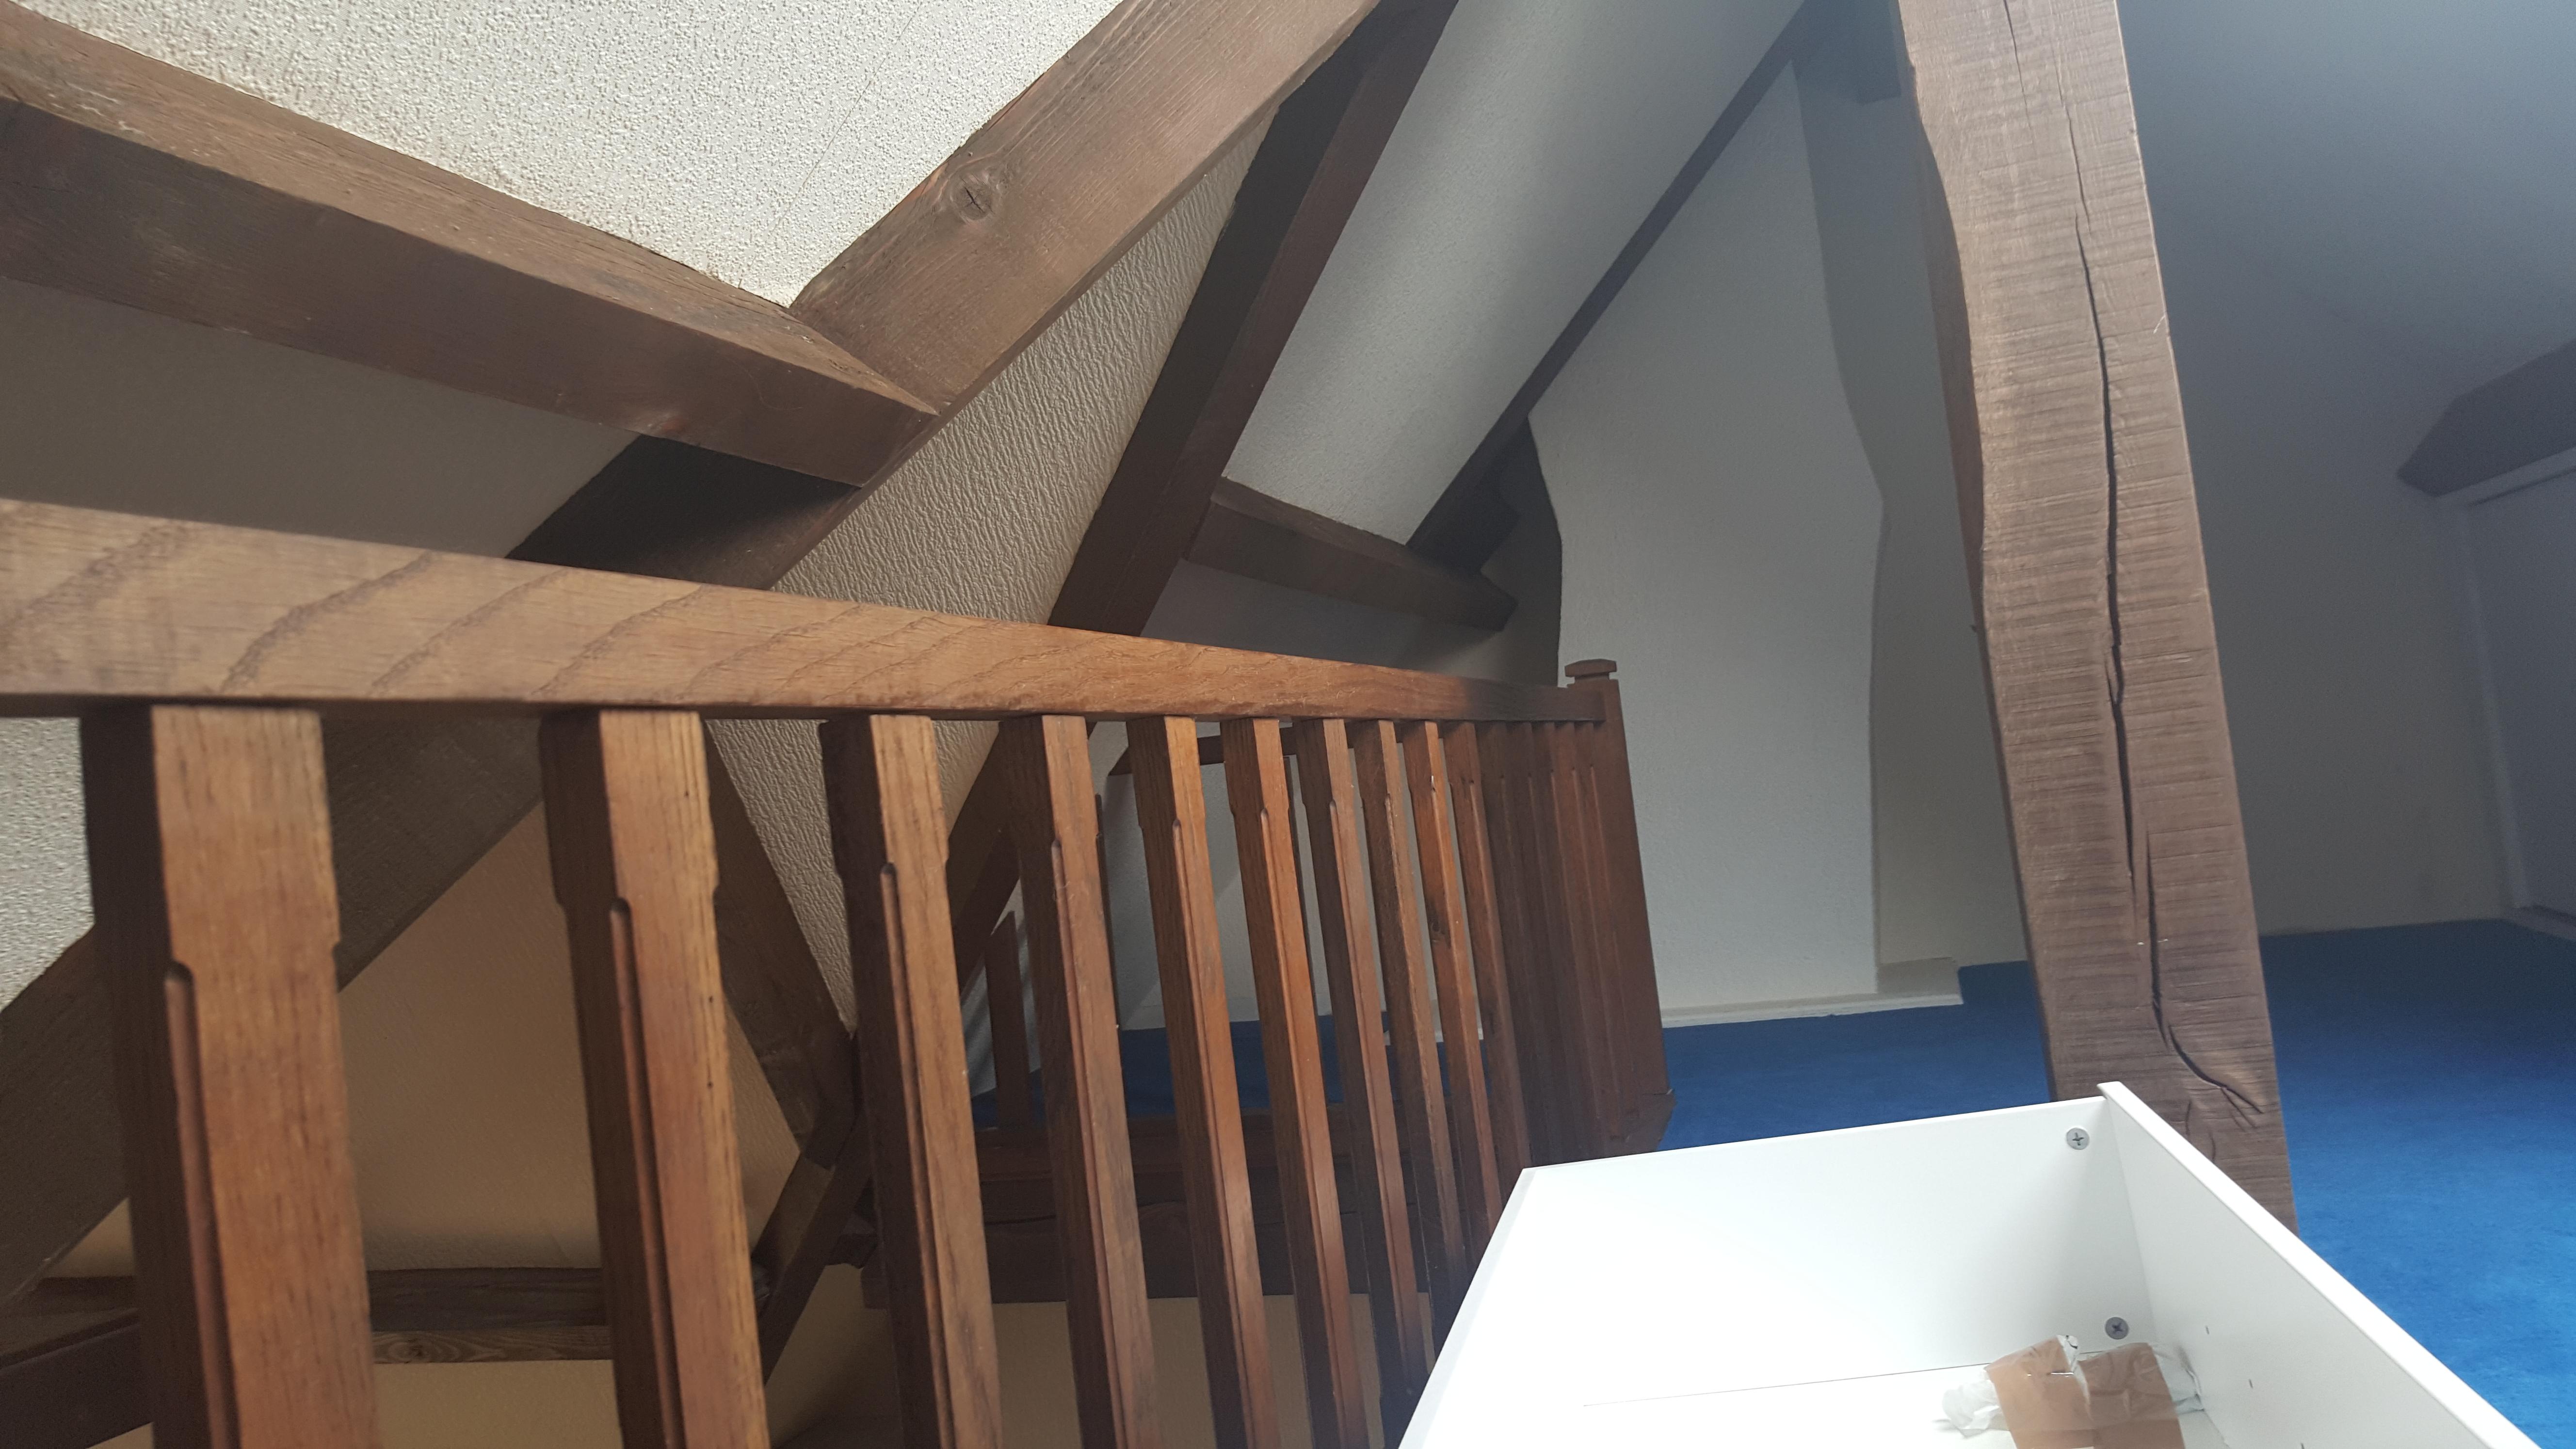 pierre kerihuel moka d coration effets d coratifs sur boiseries. Black Bedroom Furniture Sets. Home Design Ideas